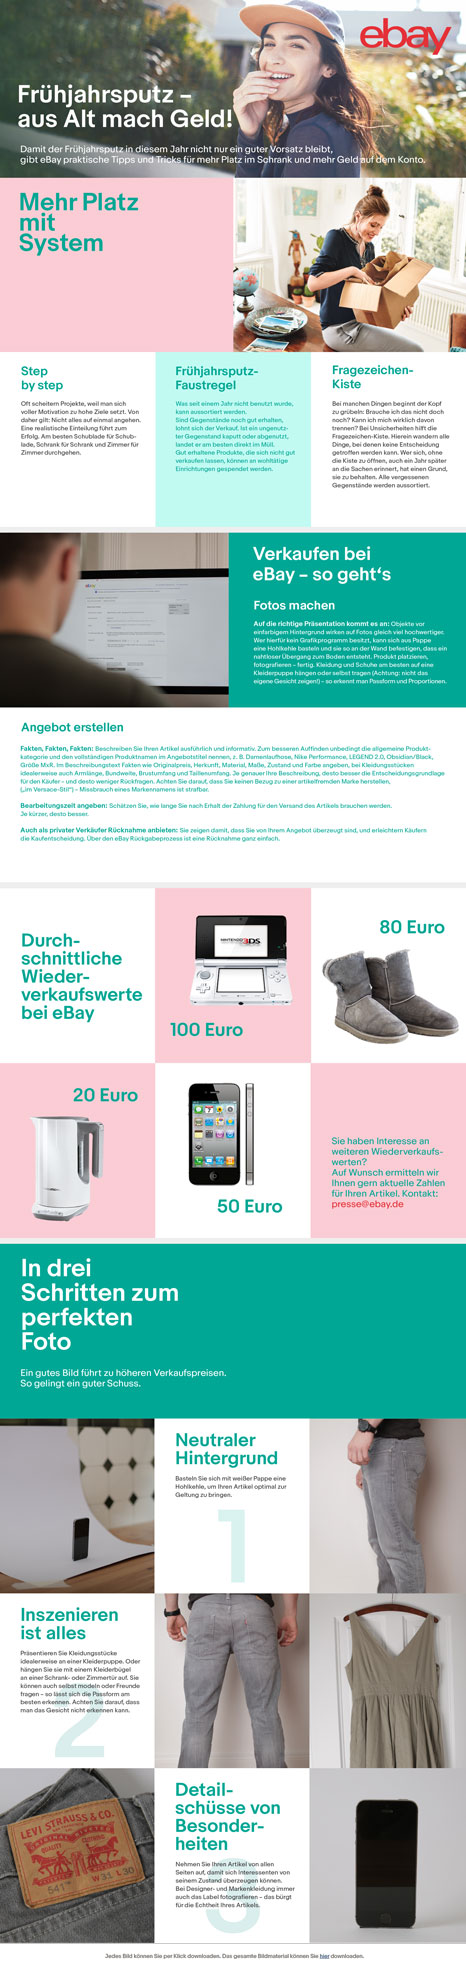 eBay Tipps zum Verkauf von Produkten bei eBay